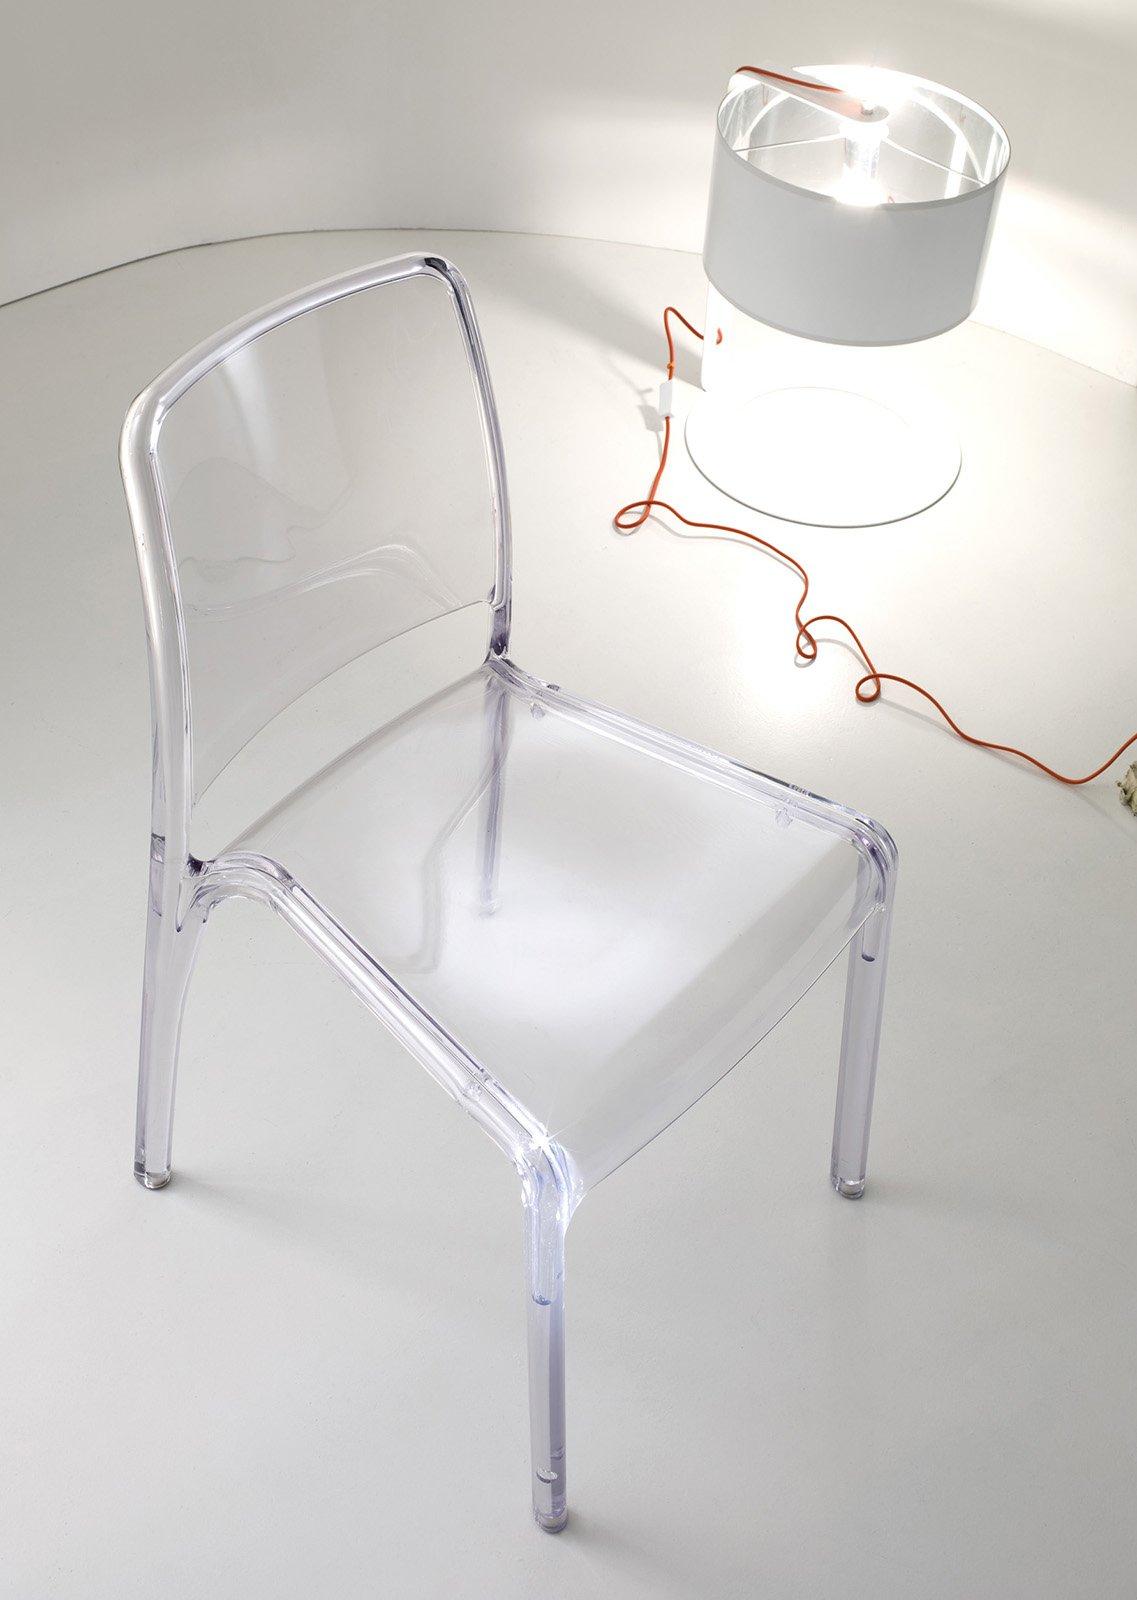 Sedie Plastica Trasparente Ikea.Sedie Trasparenti E La Stanza Sembra Piu Grande Cose Di Casa